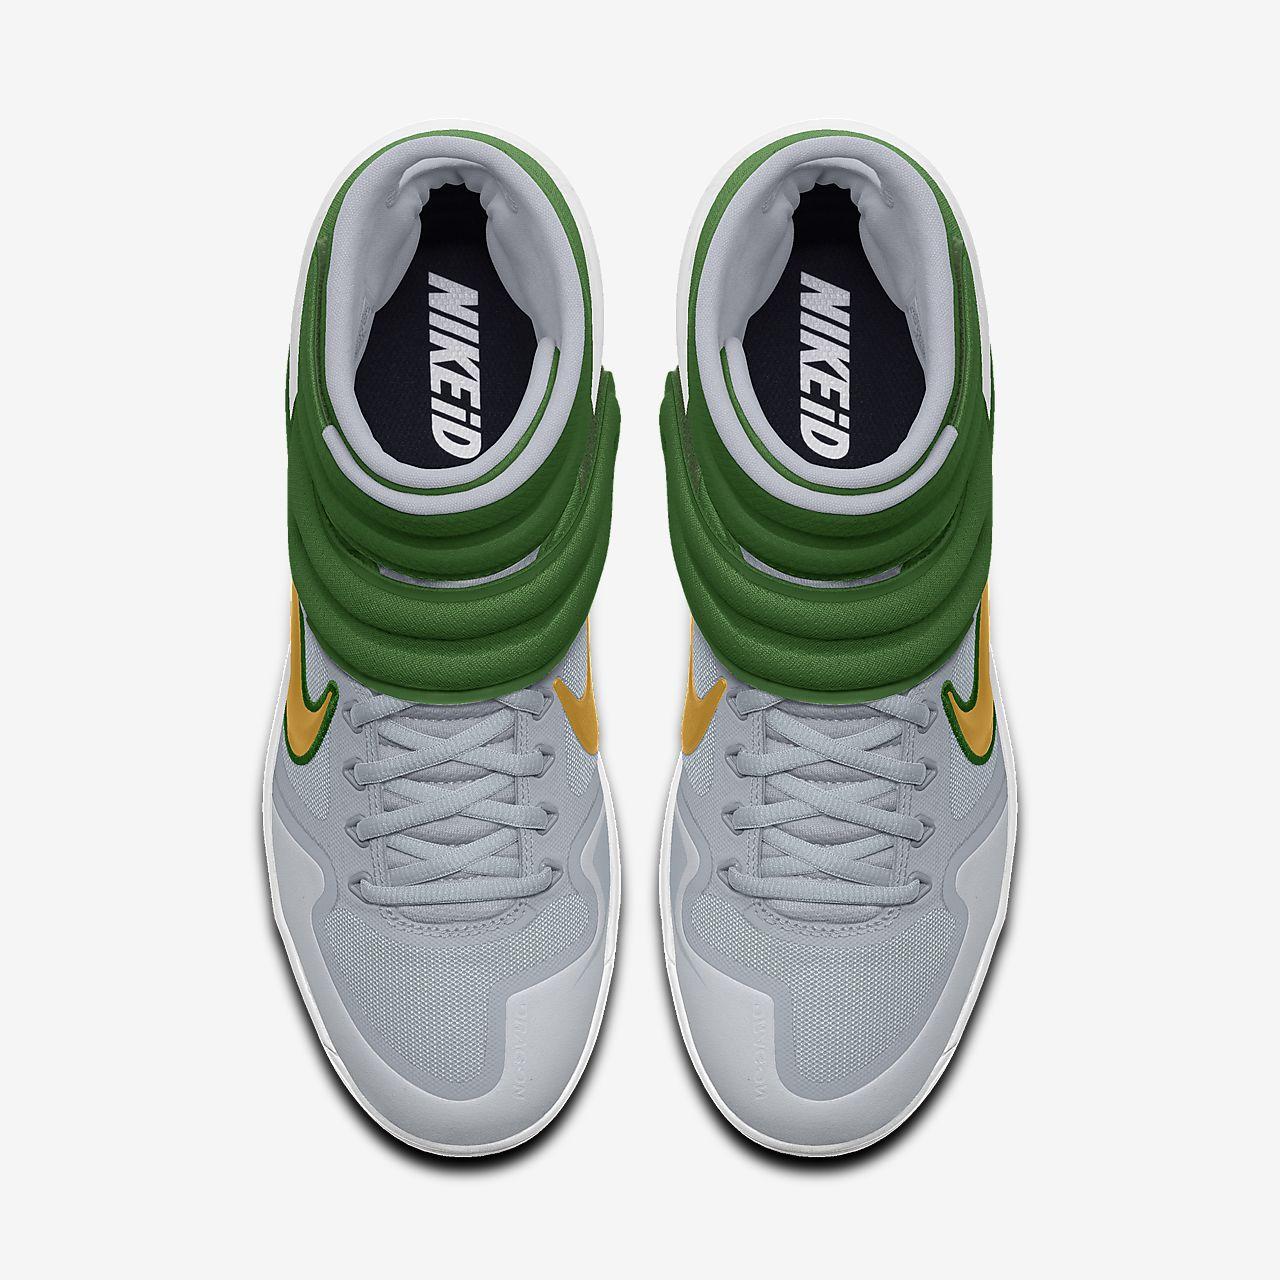 Coustom | Sneakers nike, Nike id, Nike